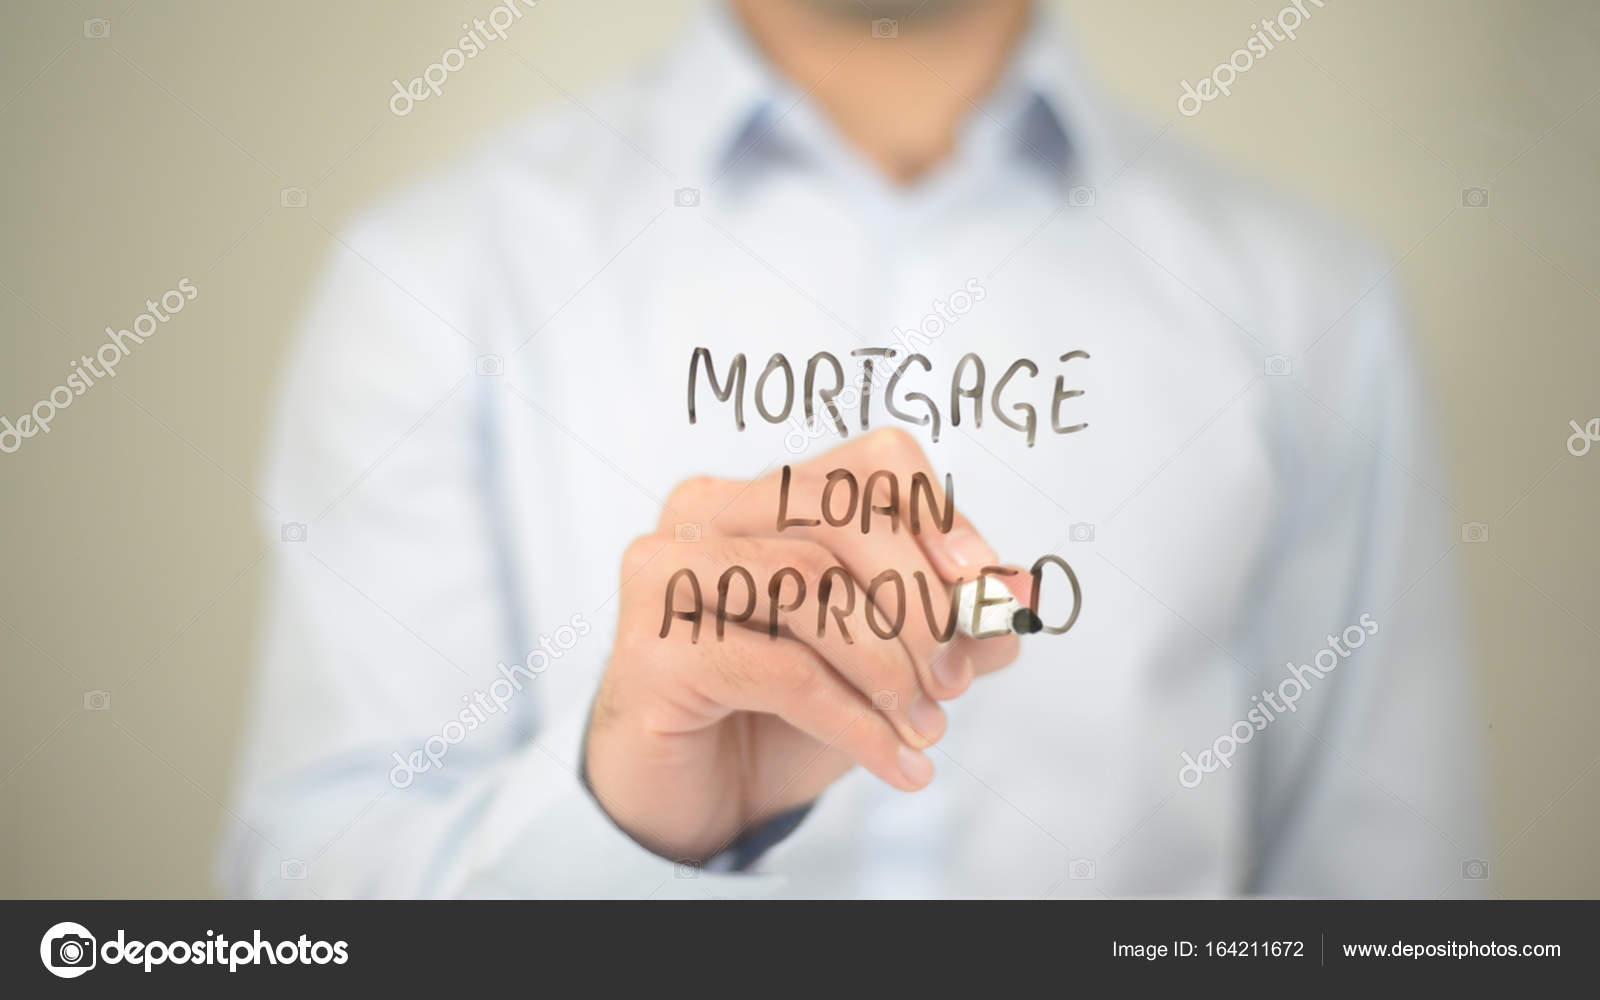 Одобренный ипотечный кредит